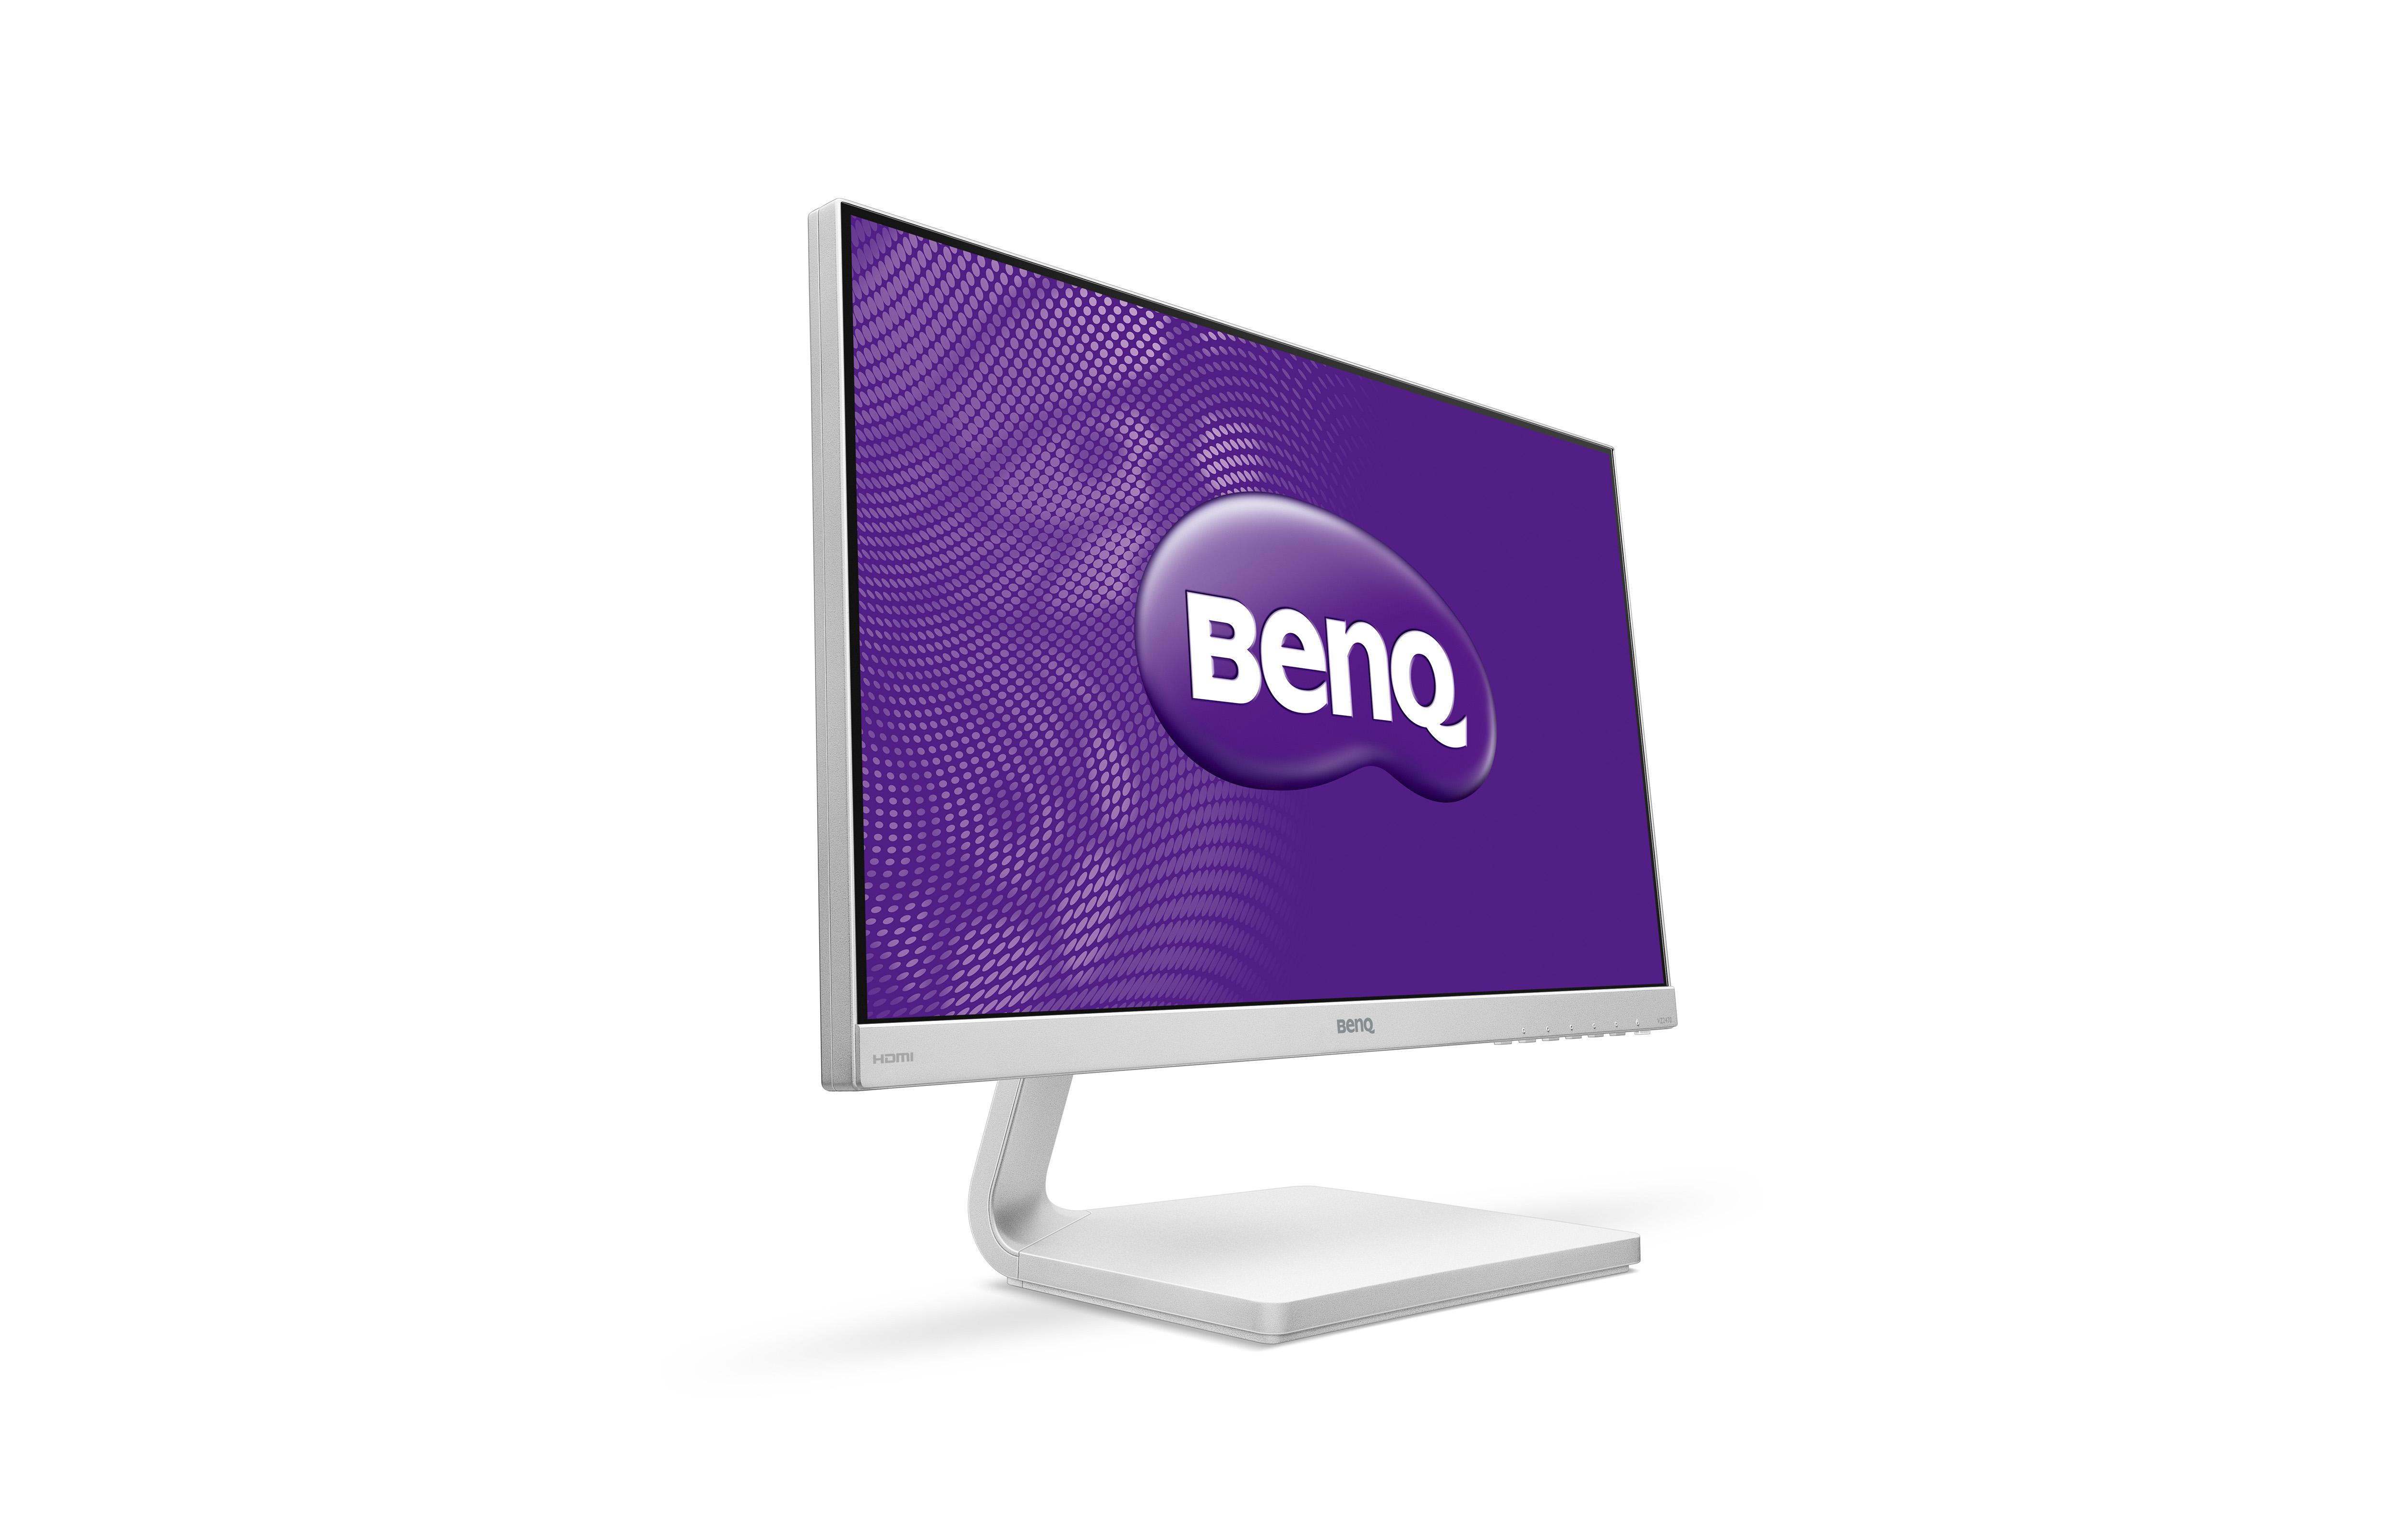 """Benq VZ2470H 24"""" Full HD AMVA+(E2E) White computer monitor"""